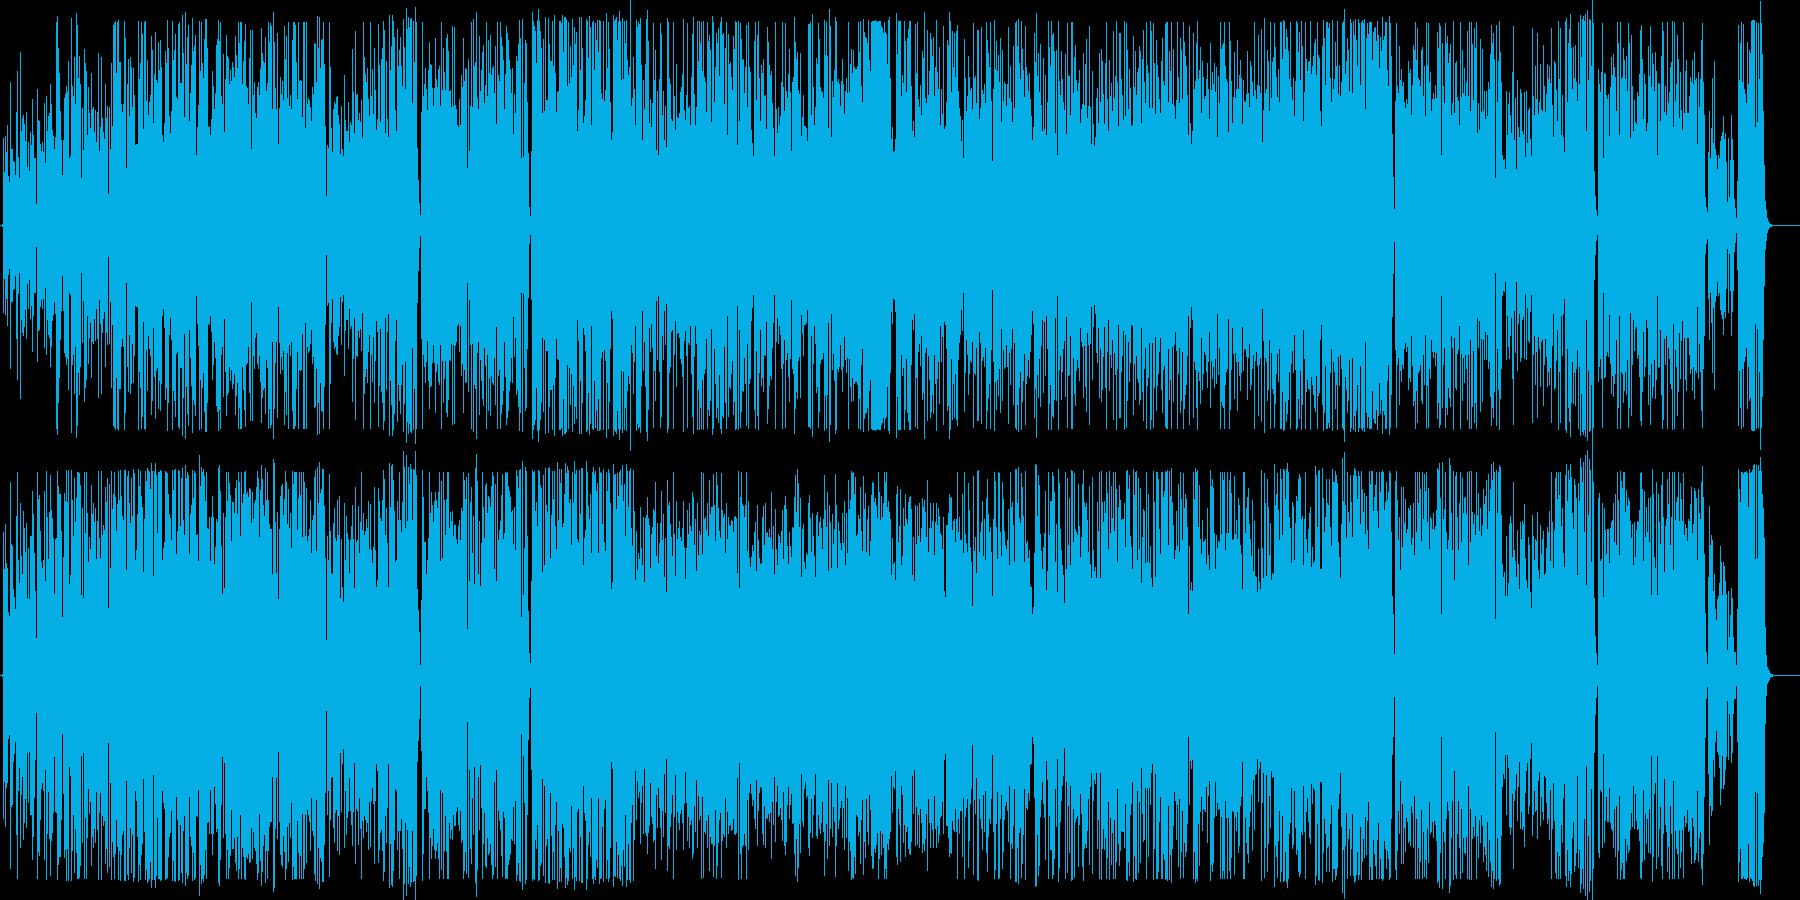 怪しい雰囲気のギターインストの再生済みの波形